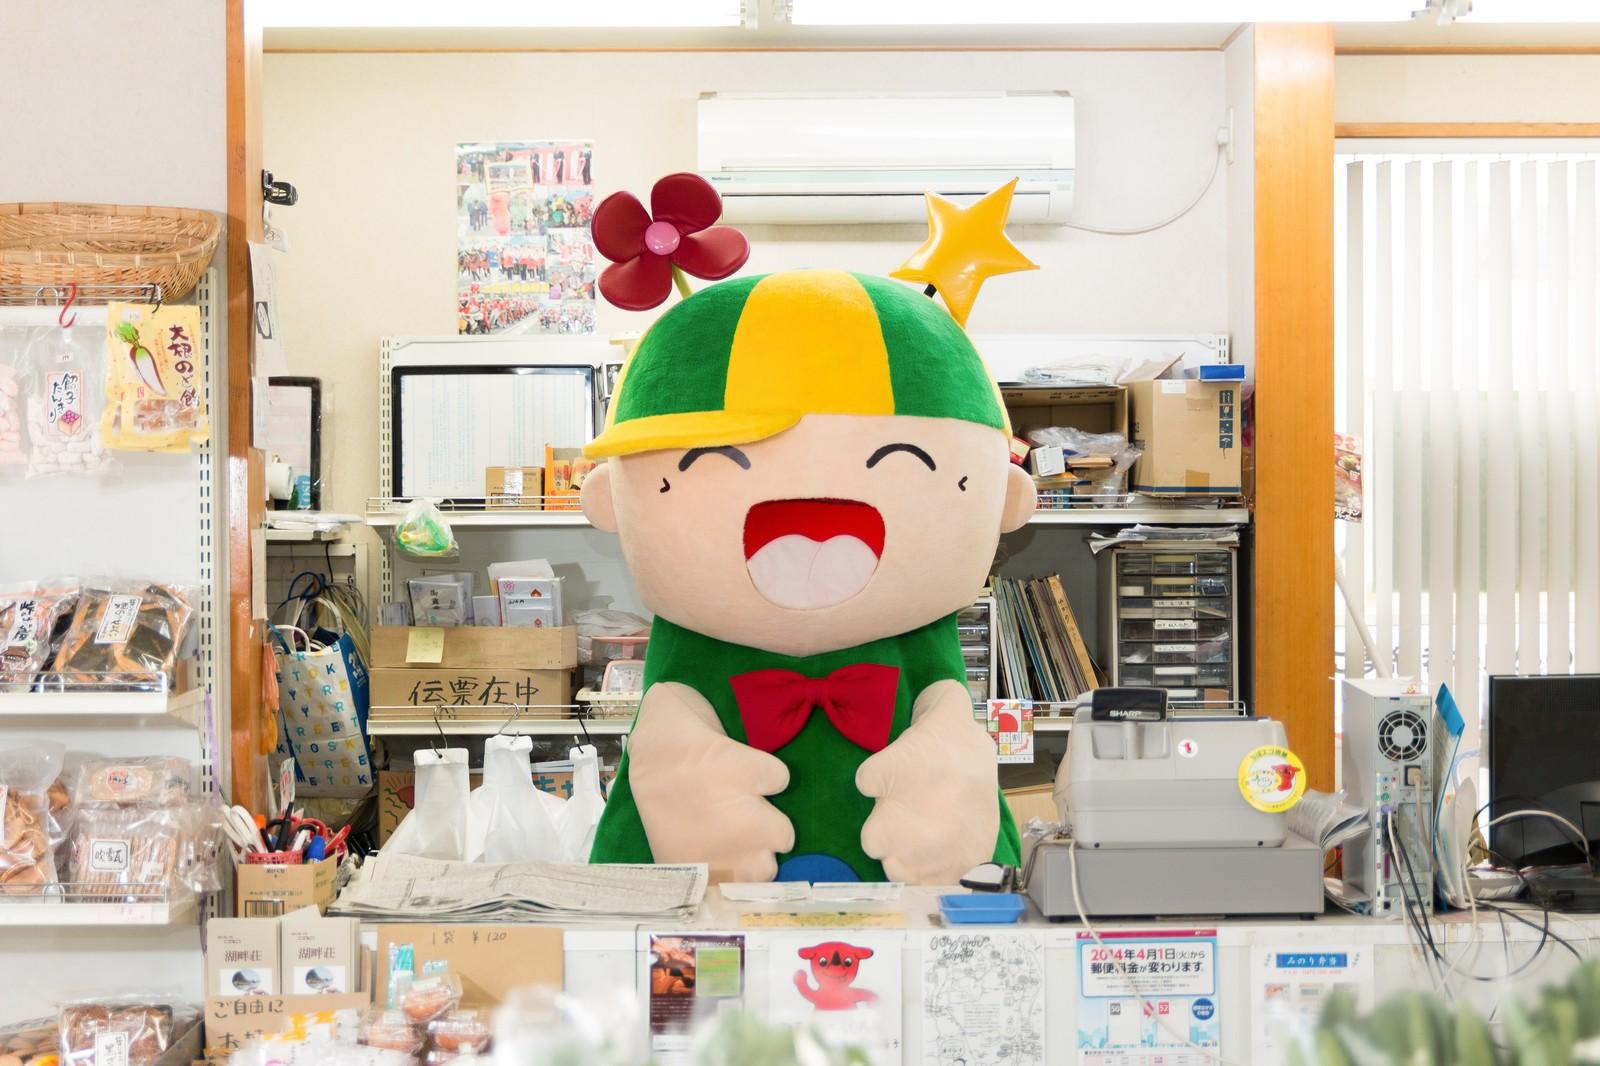 百貨店からリサイクルショップへ転職し、充実して働けています